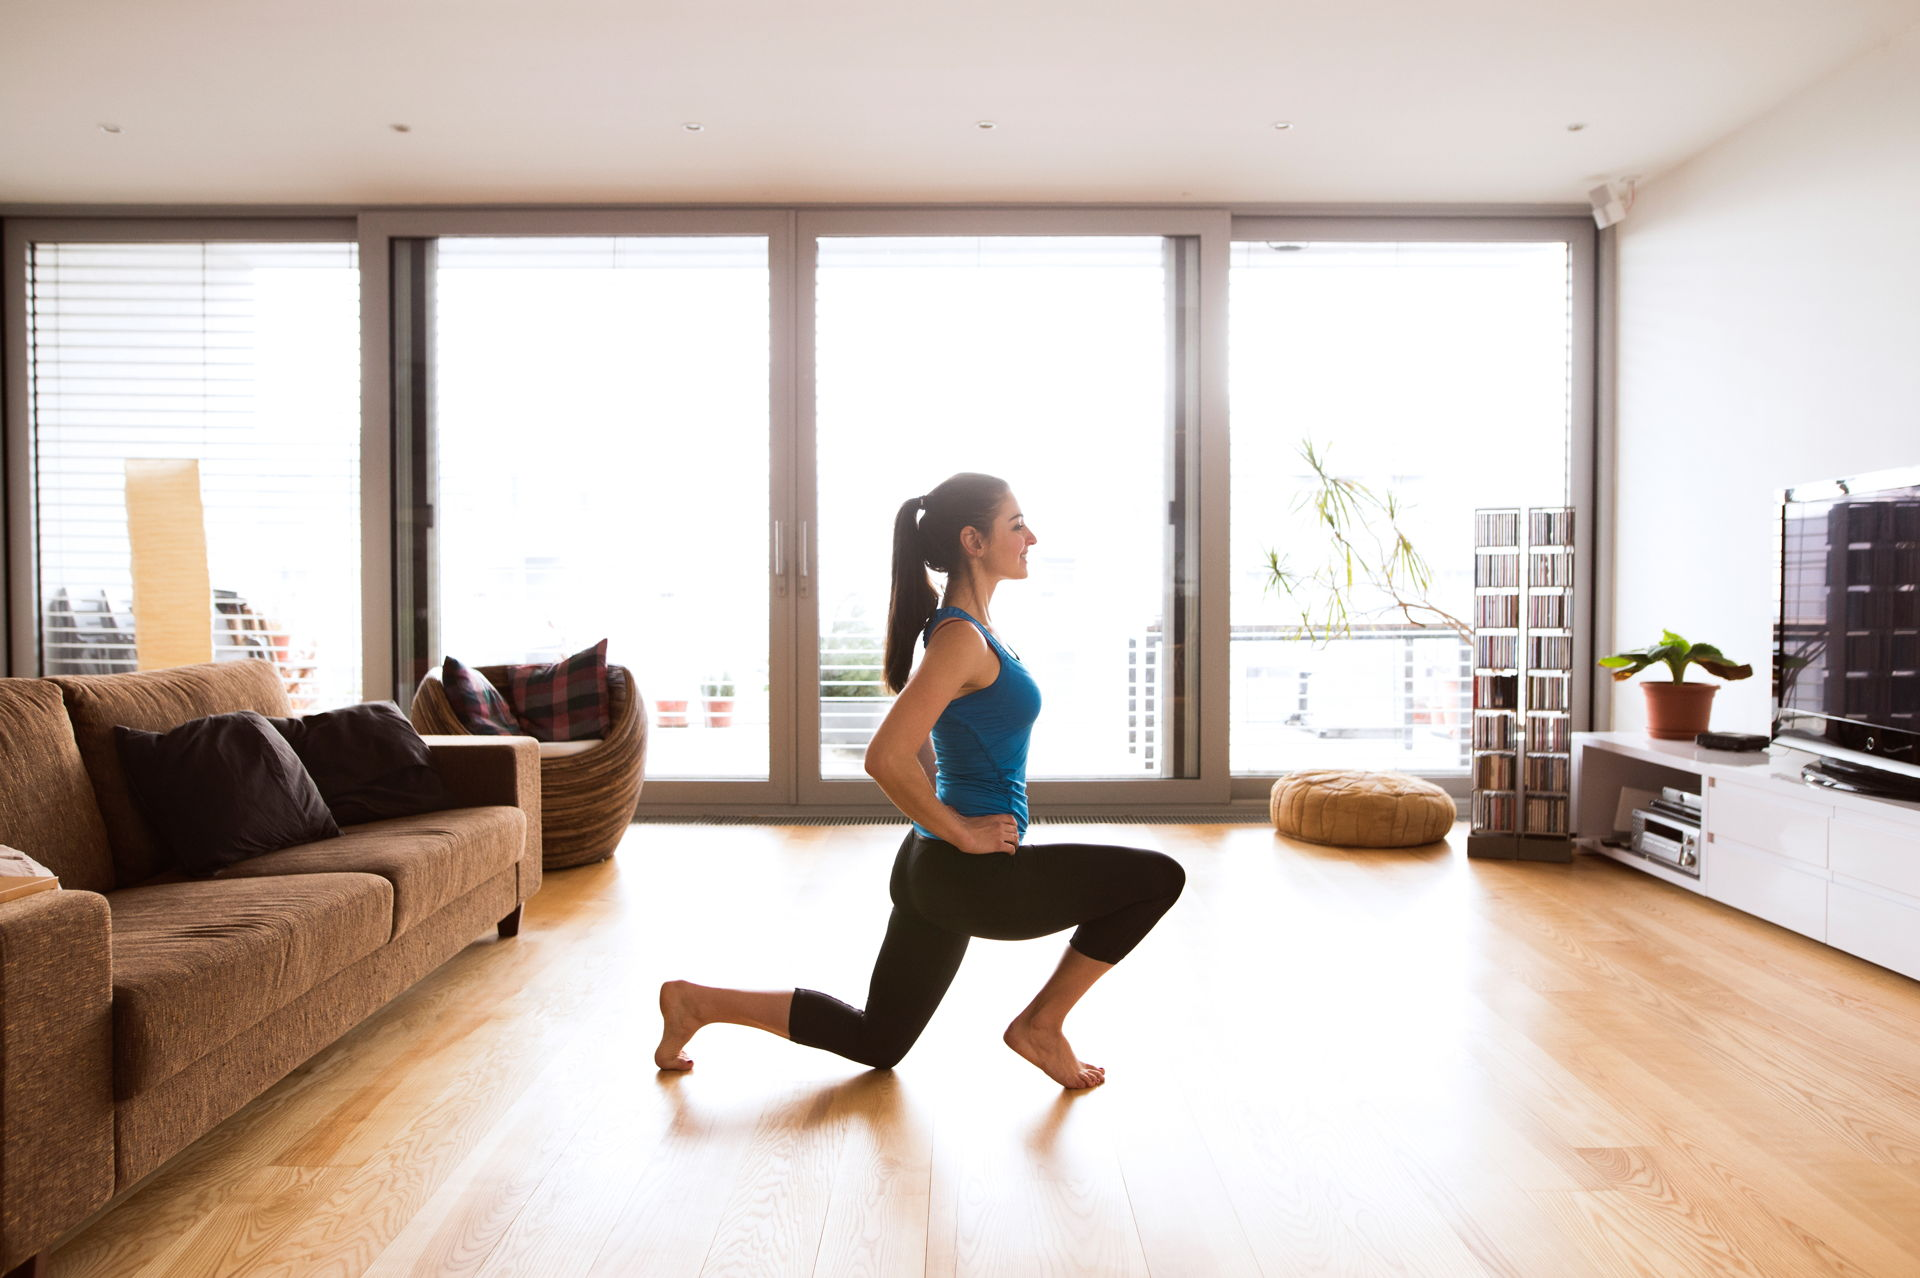 Γυμναστική στο σπίτι: Όλα όσα πρέπει να ξέρετε για να είναι αποτελεσματική